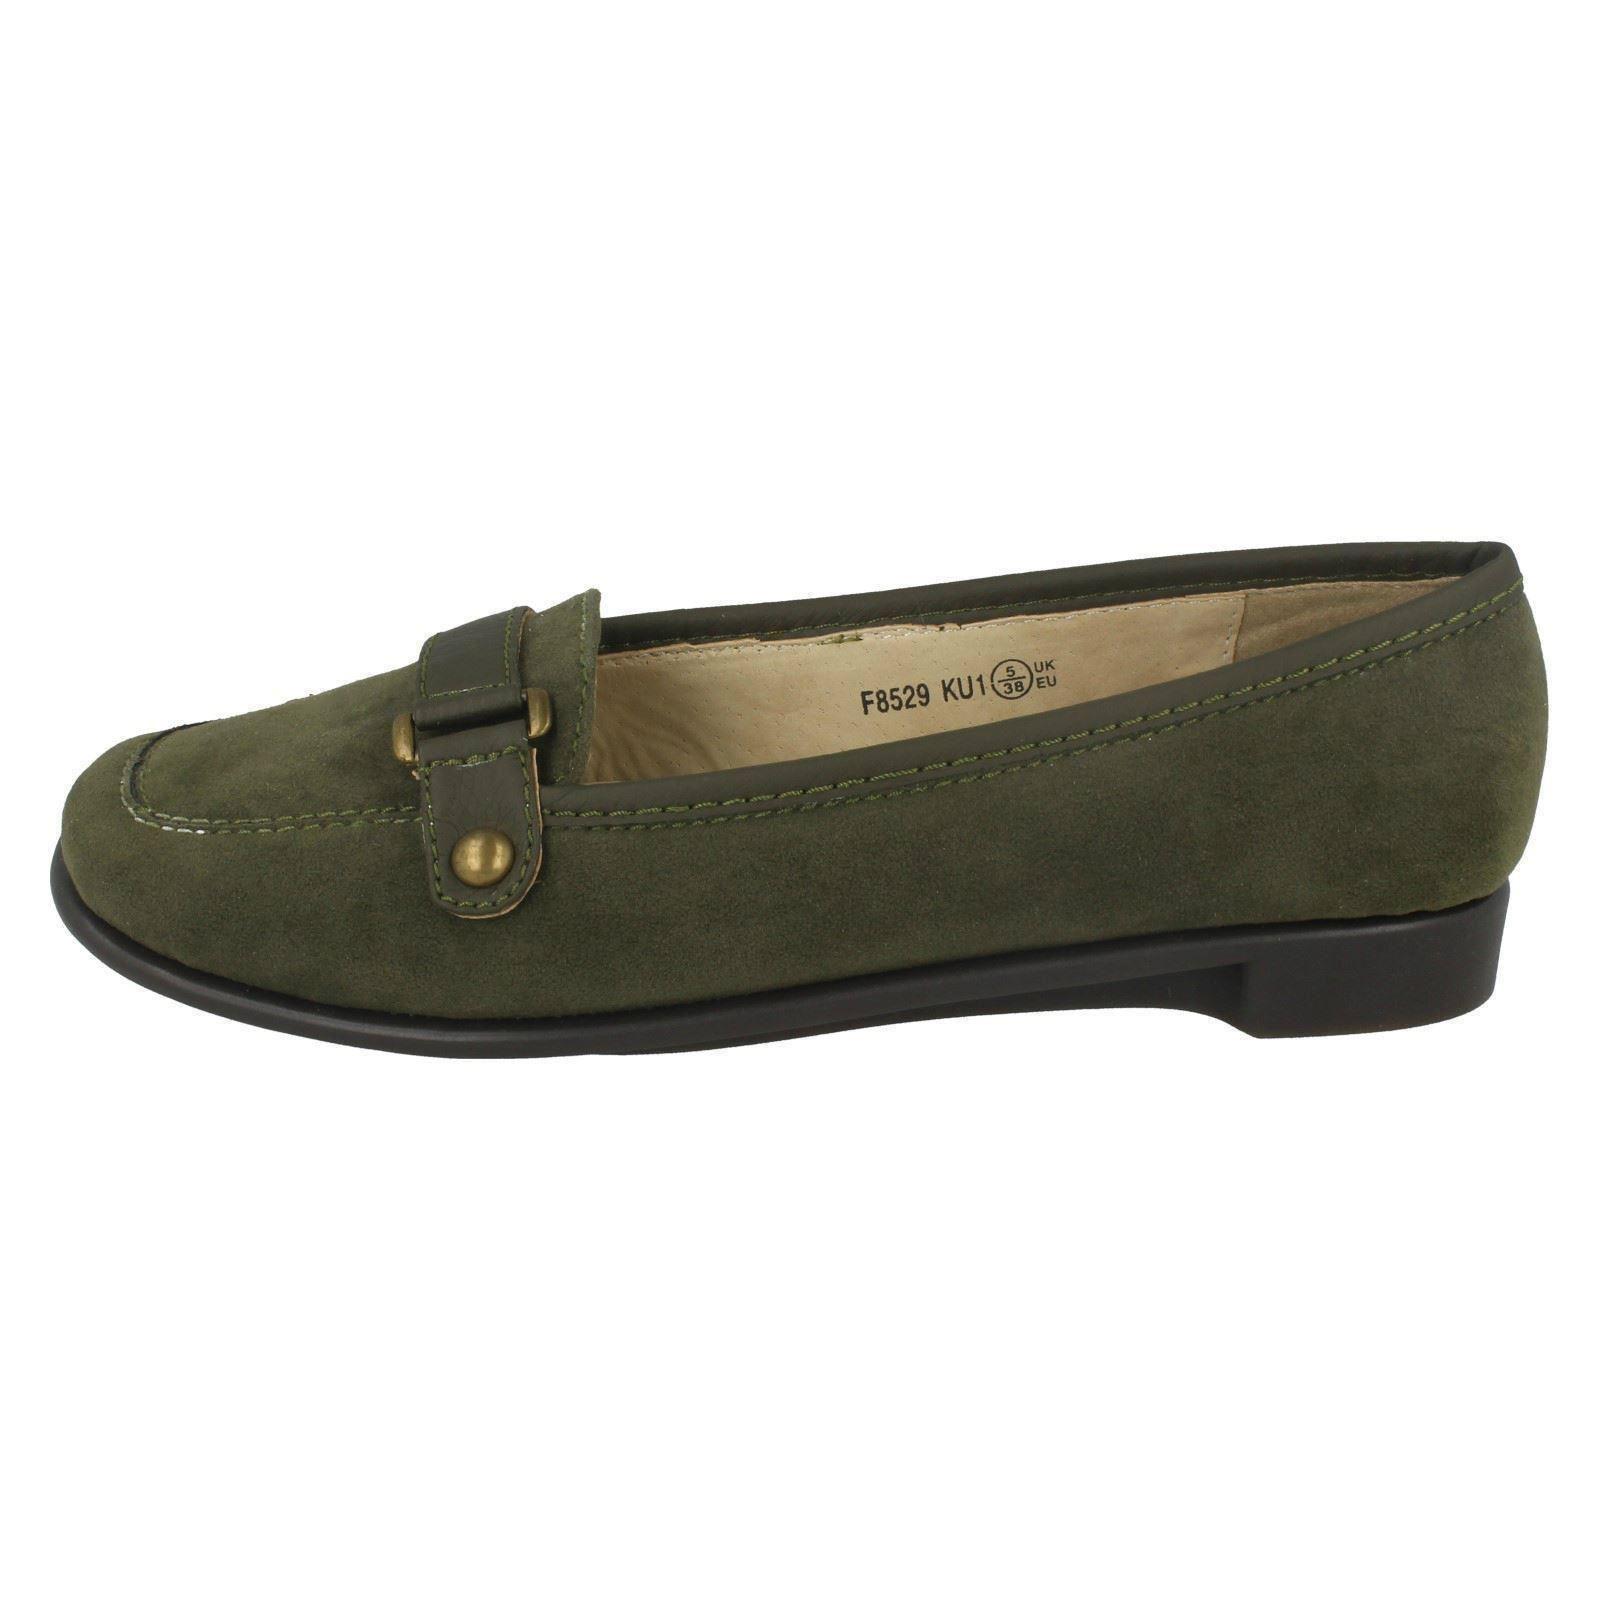 SEÑORAS EN Deslizamiento mocasines en  Zapatos  mocasines Deslizamiento ef2a5a